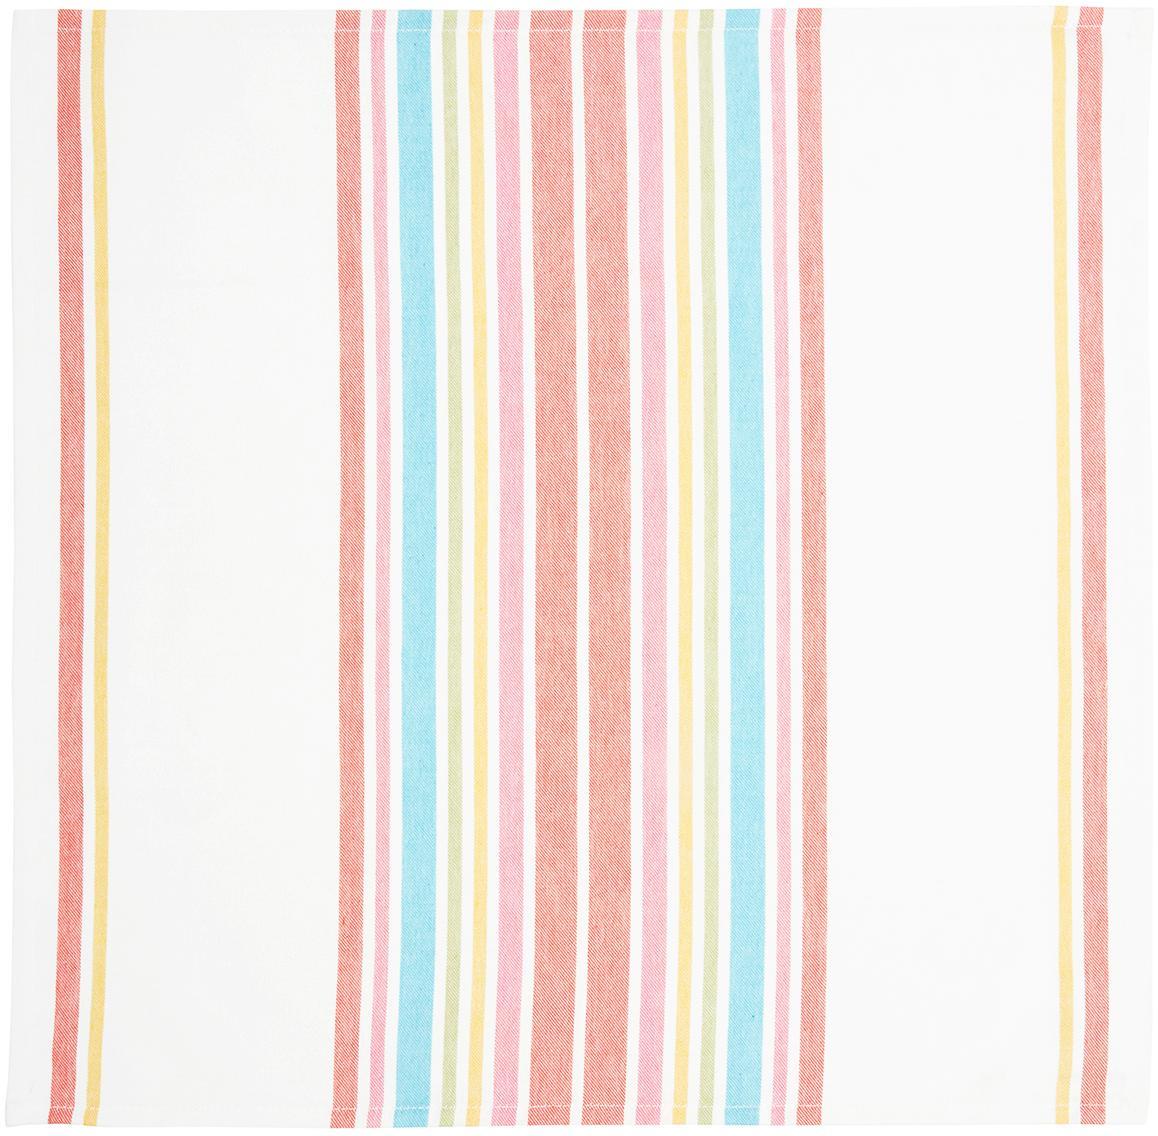 Servilletas de algodón Katie, 2uds., Algodón, Multicolor, An 50 x L 50 cm